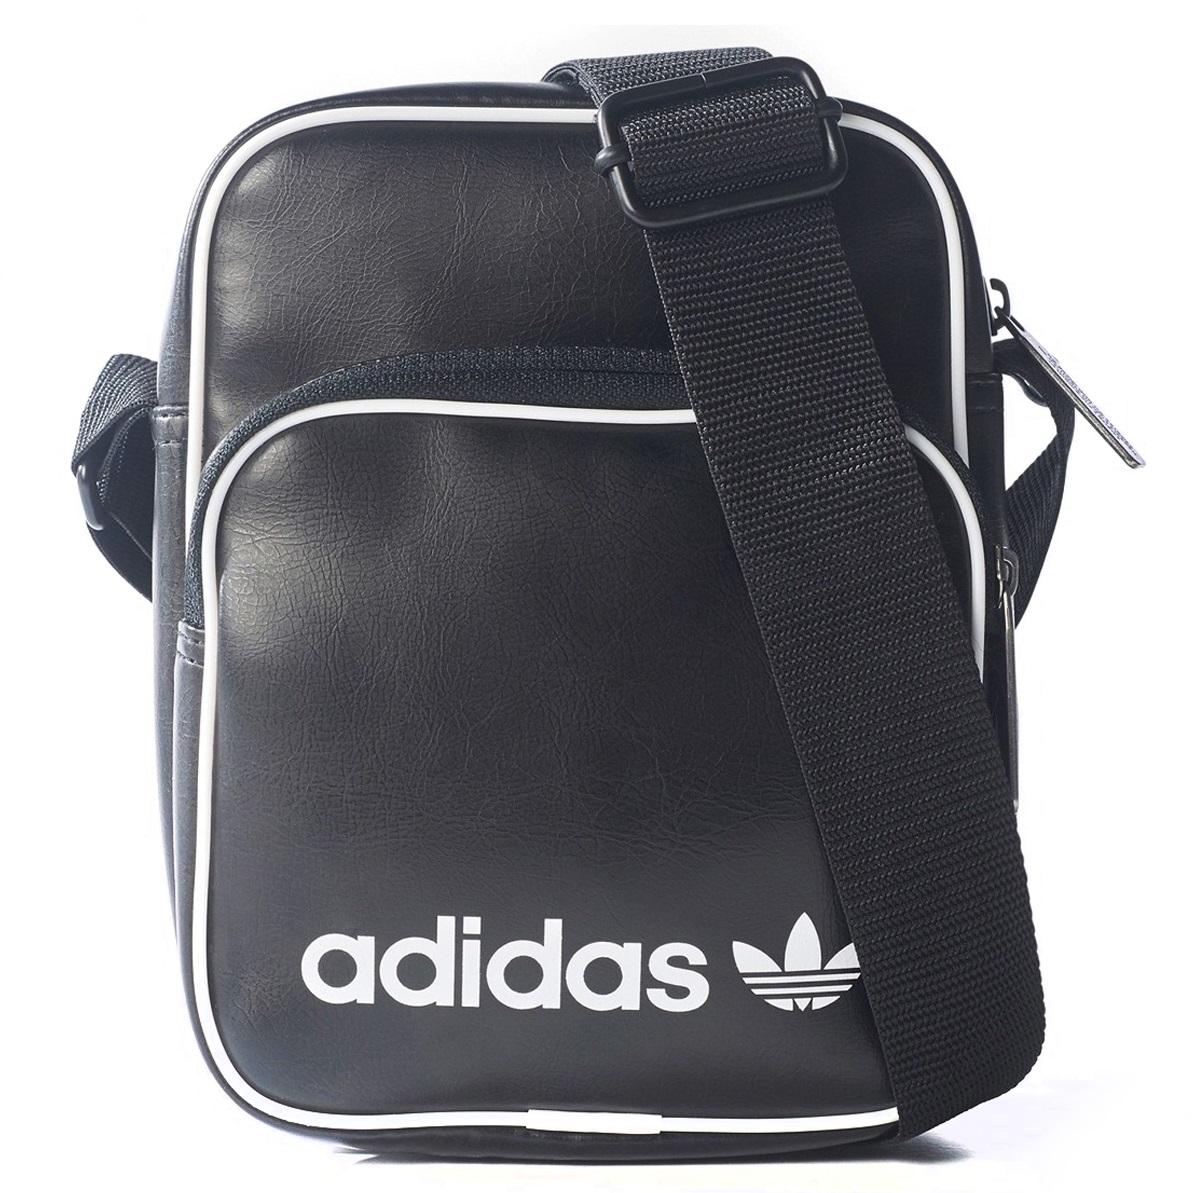 6c5b0d676ac50 Torba na ramię listonoszka adidas BQ1513 - 7151729906 - oficjalne ...